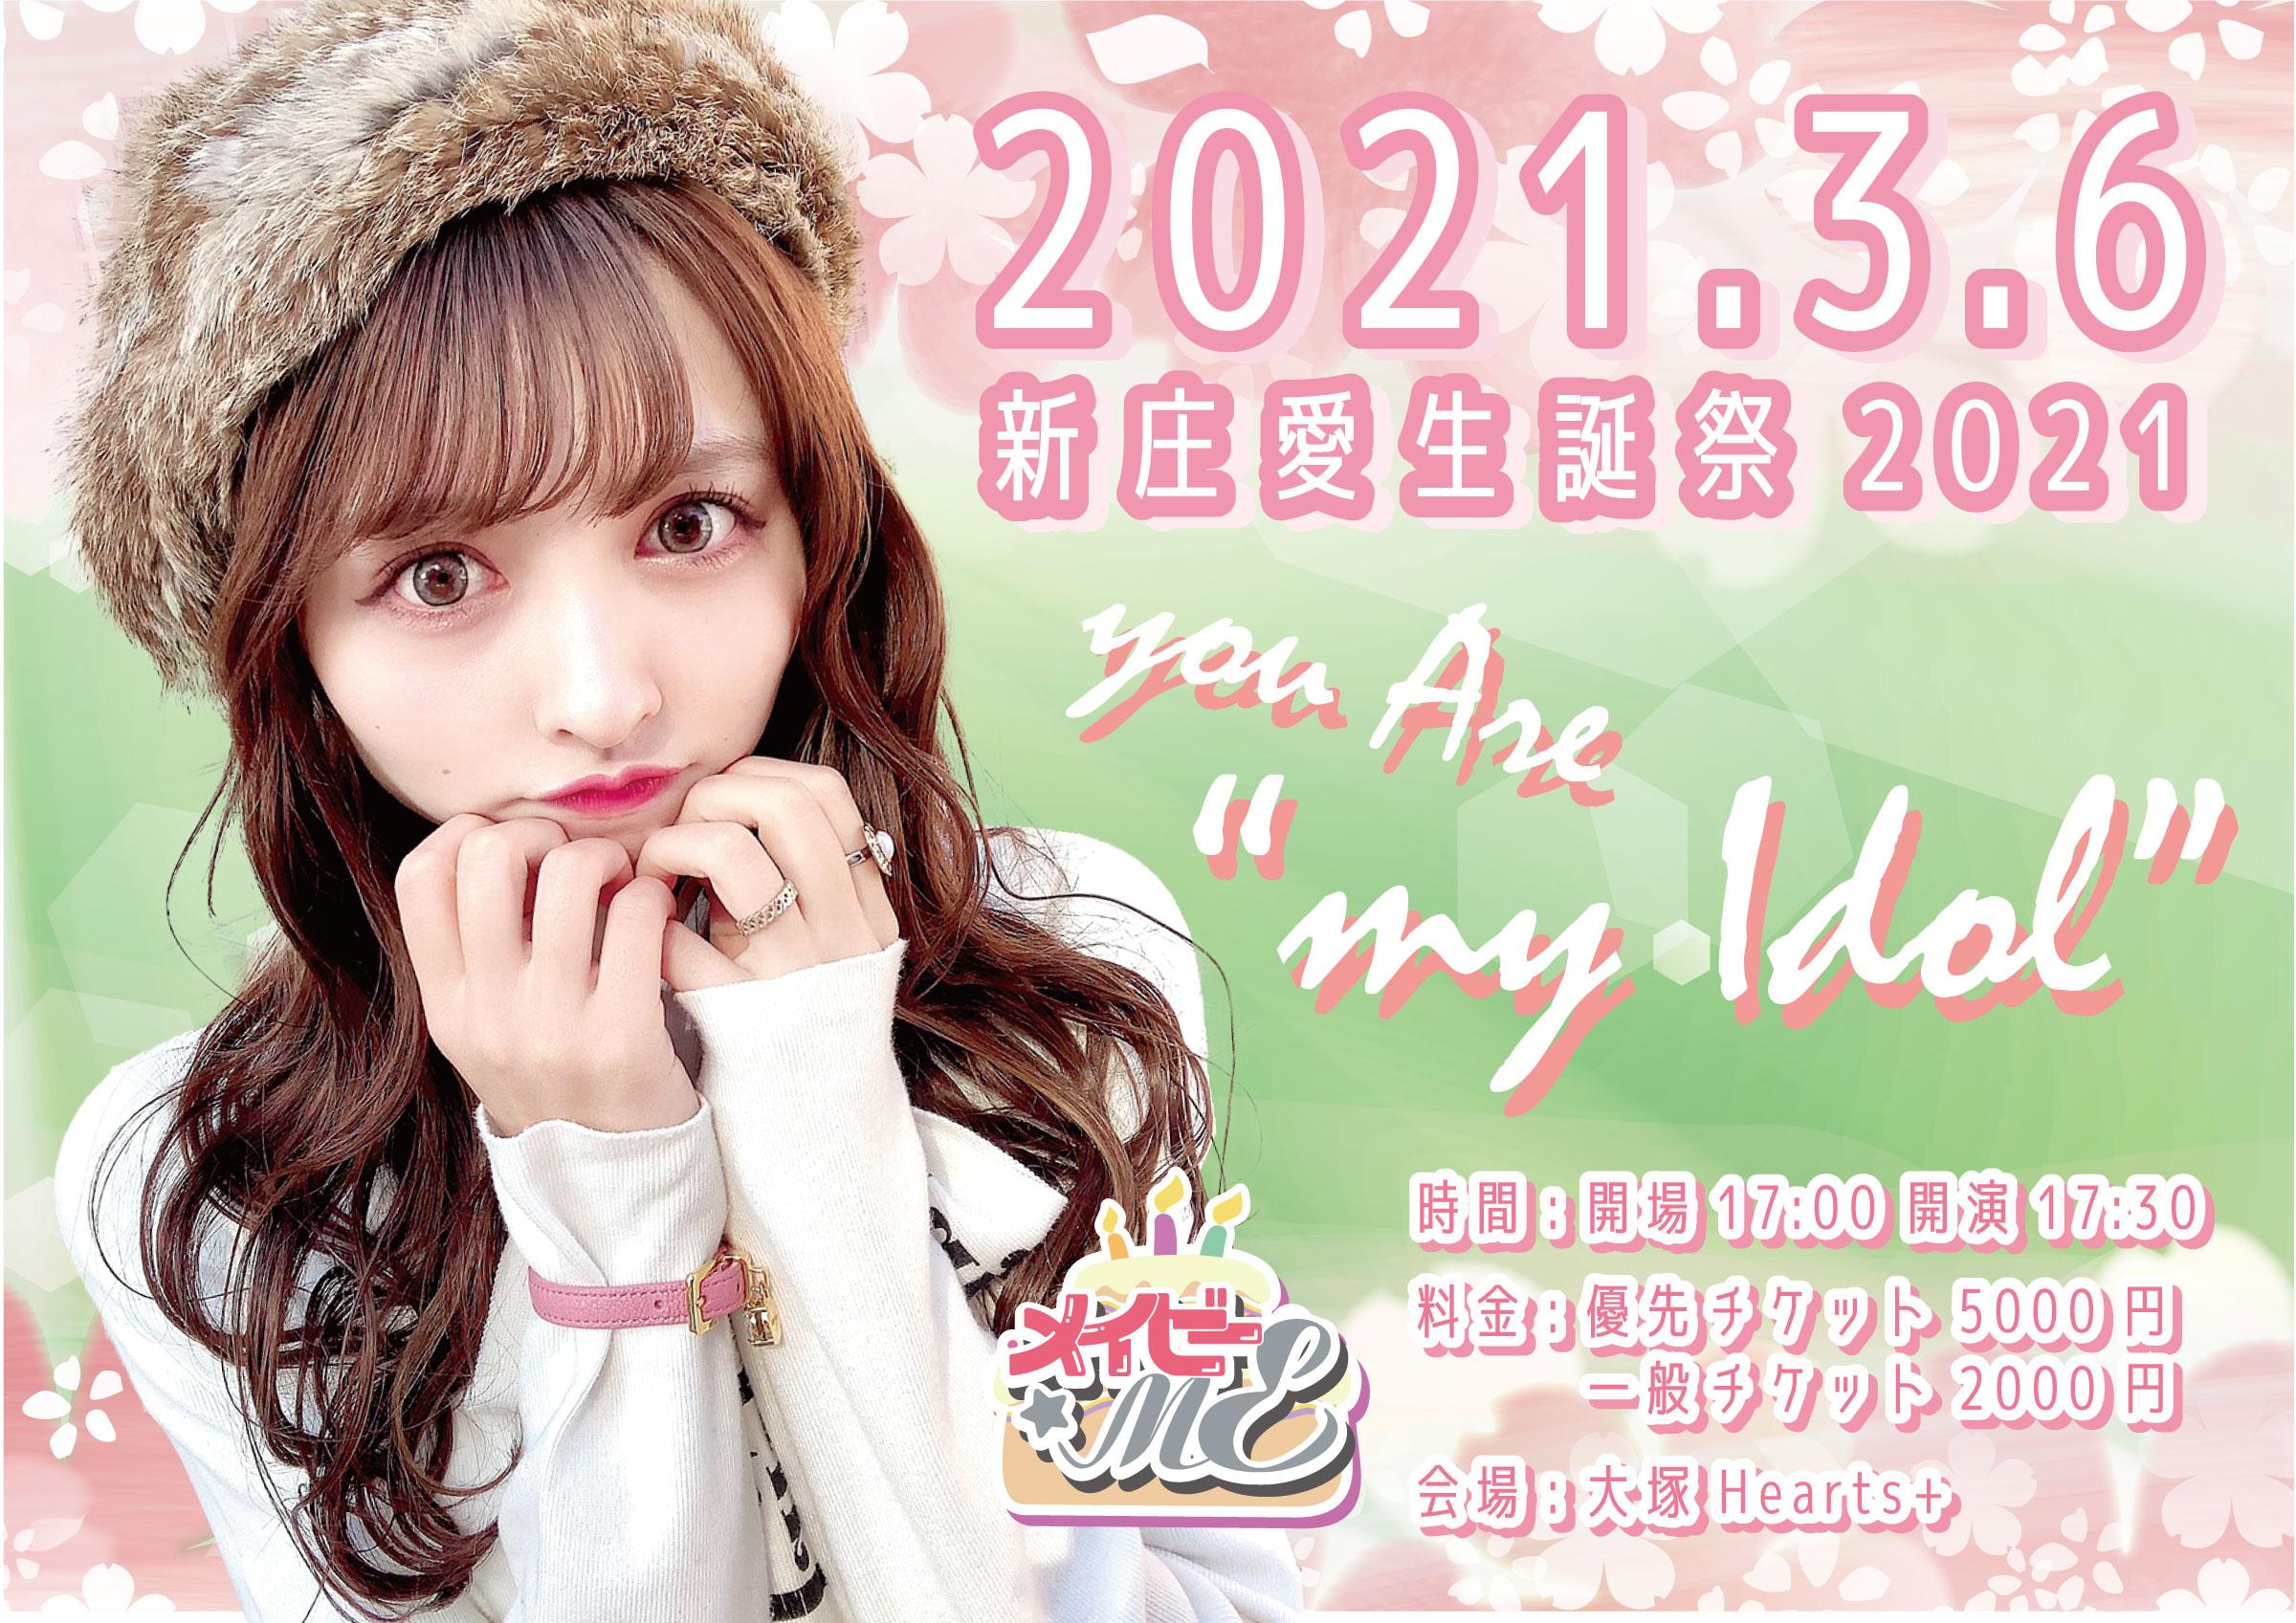 """3/6 新庄愛生誕祭2021~you Are """"my Idol""""~"""